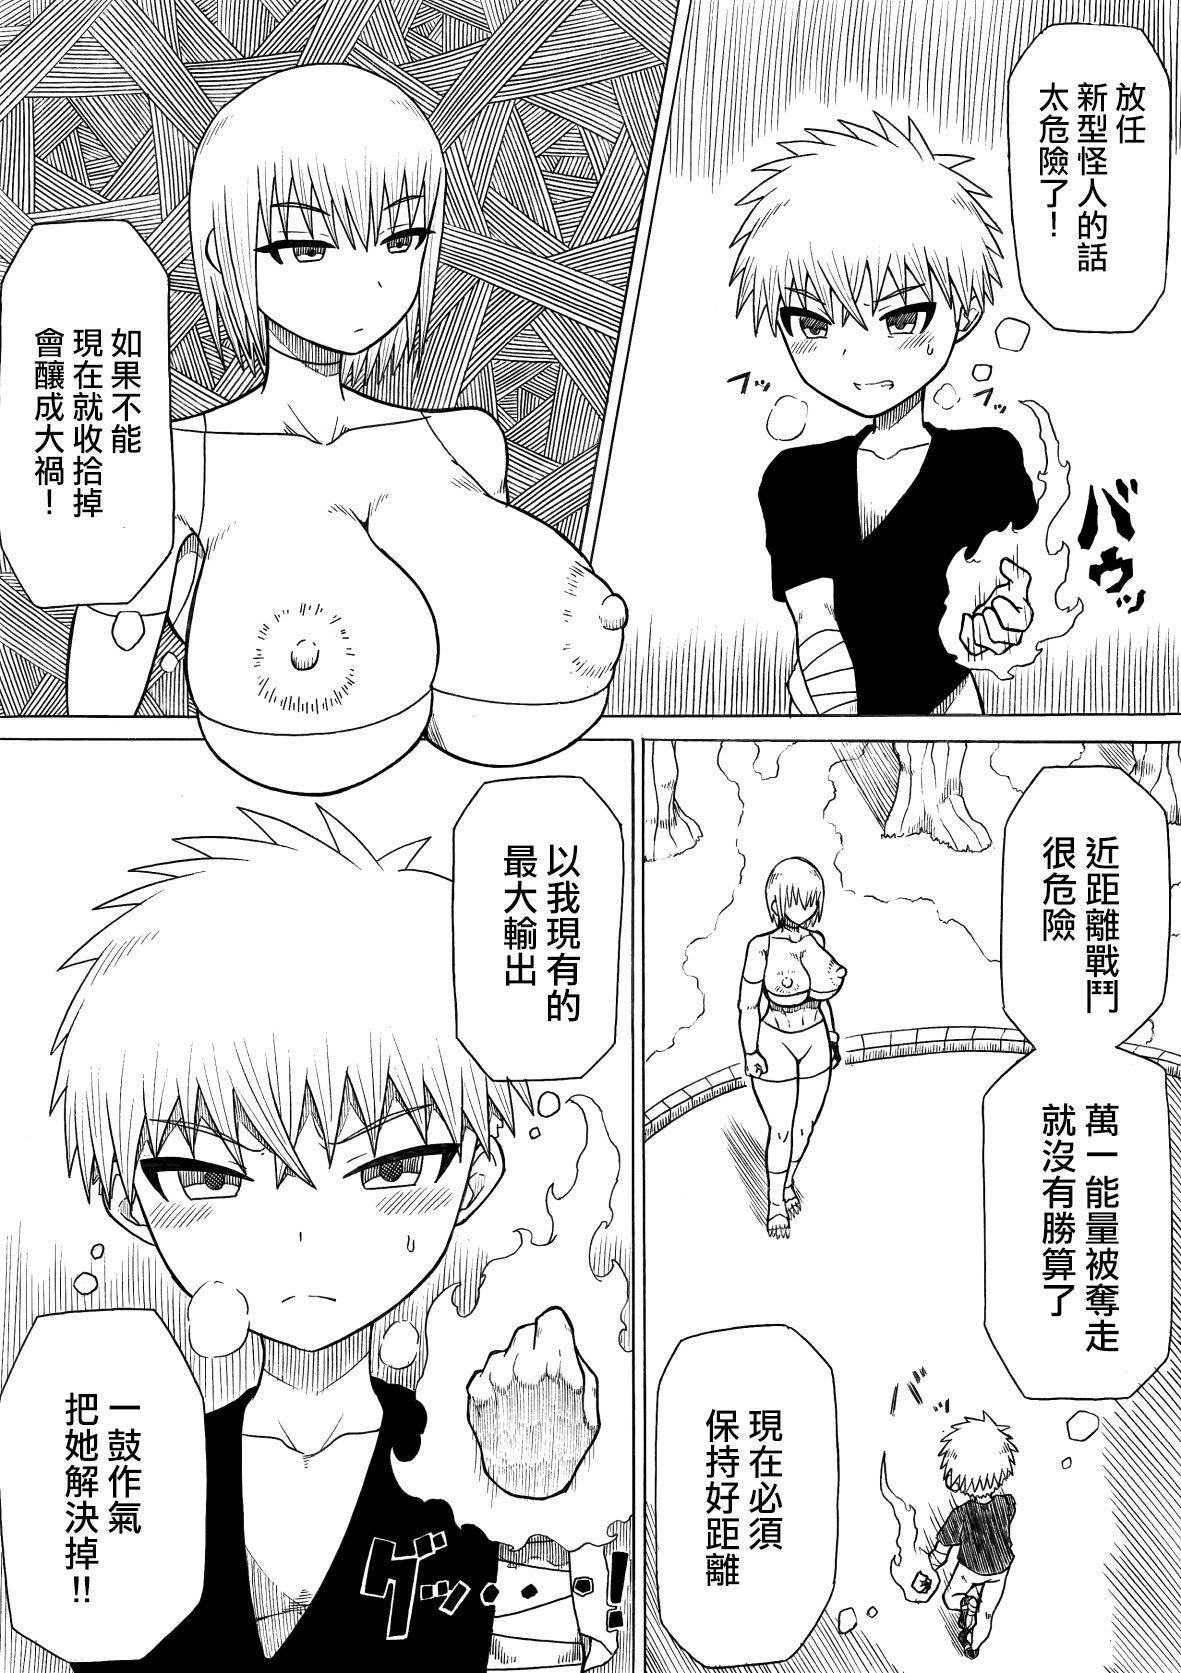 [Saga no Tame no Saga (Ratoo)] Hero haiboku ~ hajimari to owari ~ | 英雄敗北 ~起始與完結~ [Chinese] [沒有漢化] 25